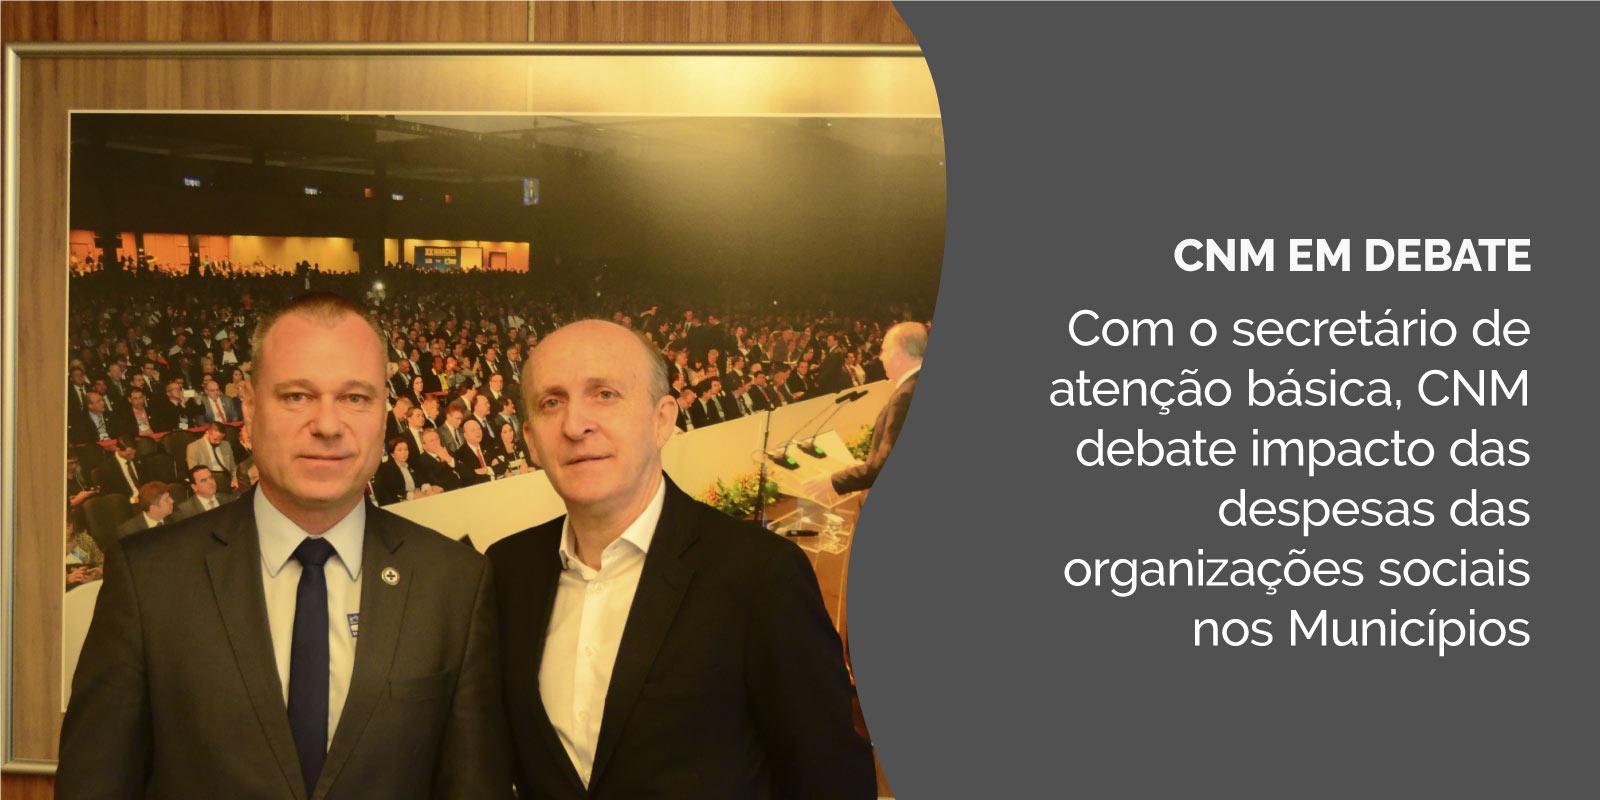 Com o secretário de atenção básica, CNM debate impacto das despesas das organizações sociais nos Municípios